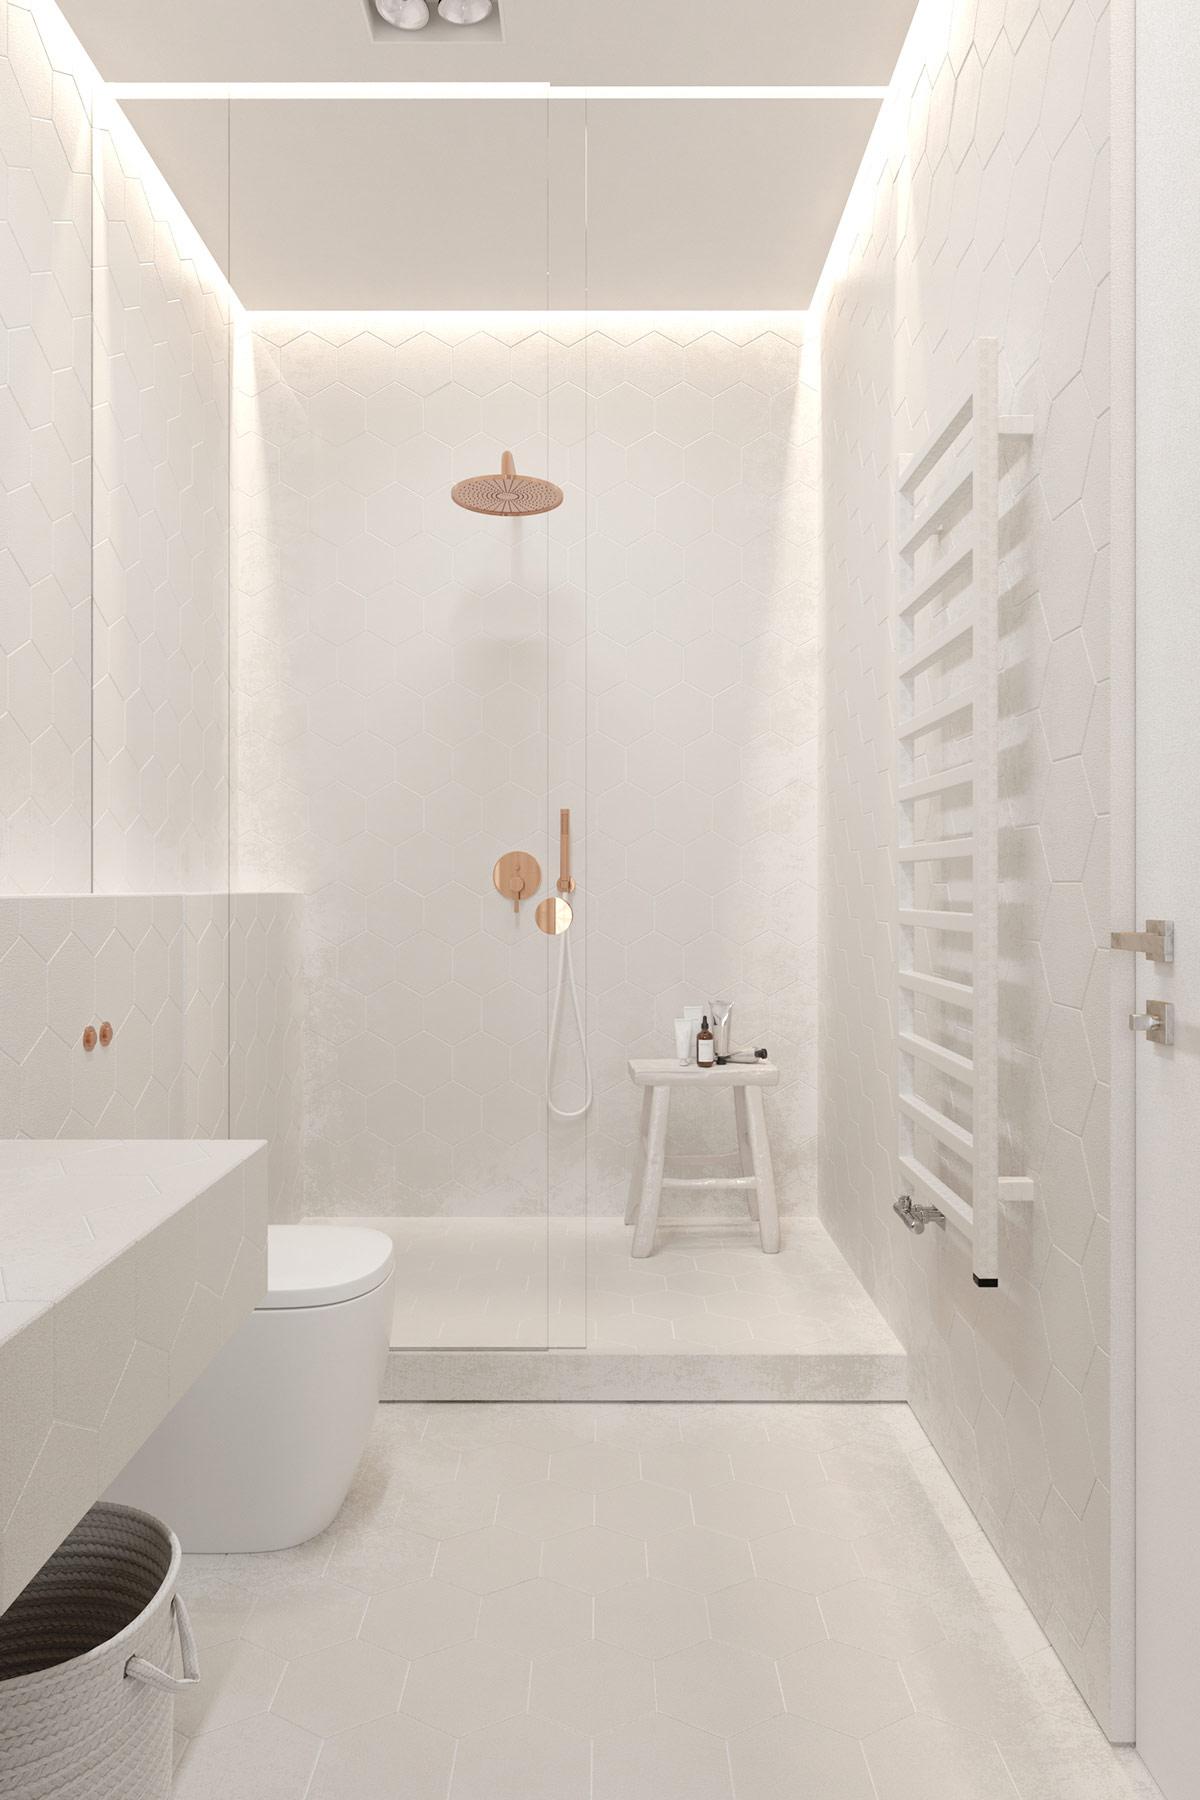 copper-showerhead